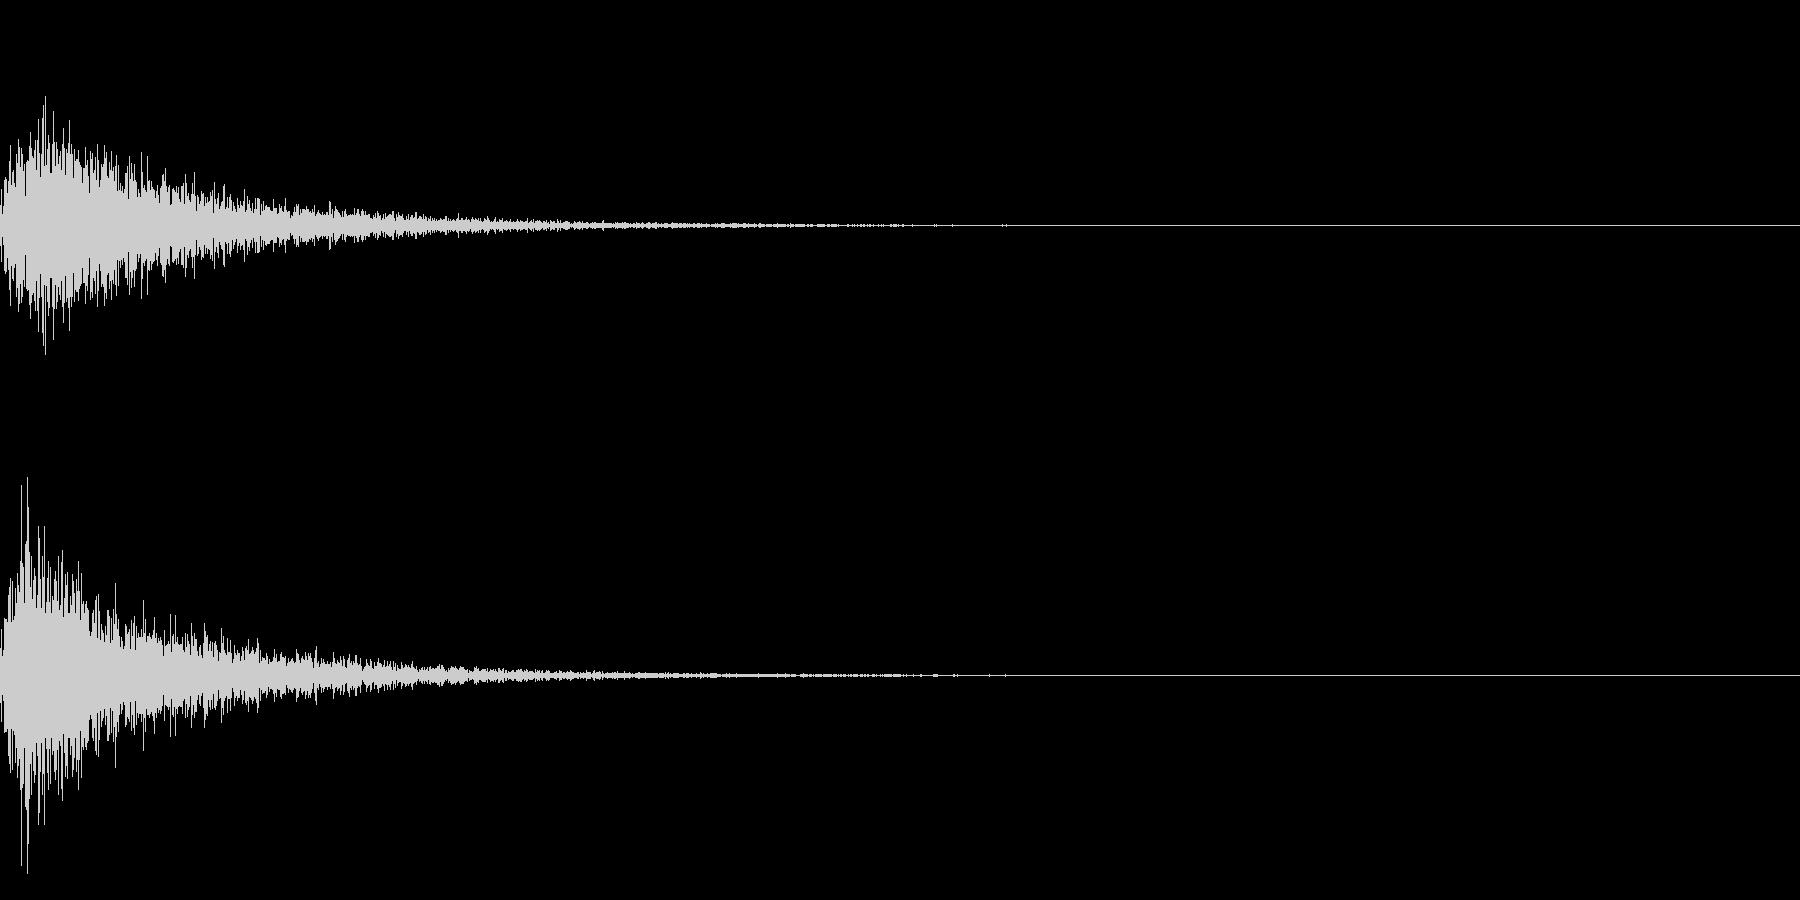 カン!和風な歌舞伎の床音(附け木)02の未再生の波形